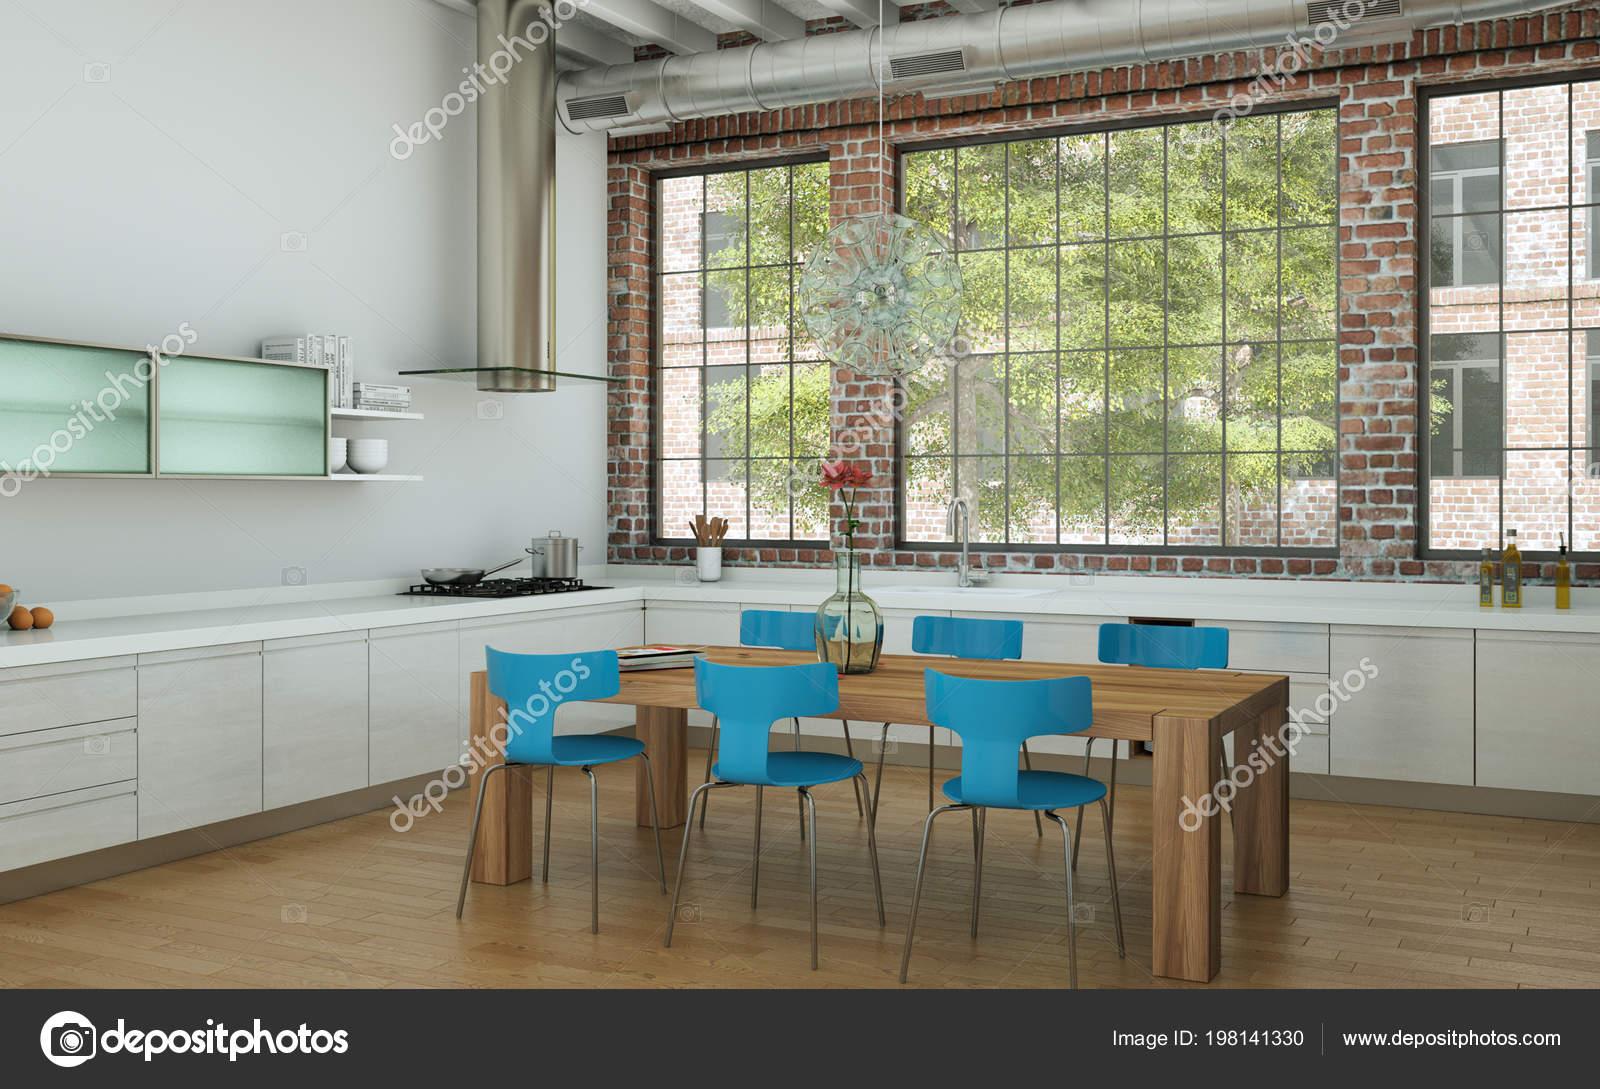 Sedie Blu Cucina : Cucina moderna bianca in una casa con tavolo in legno e sedie blu